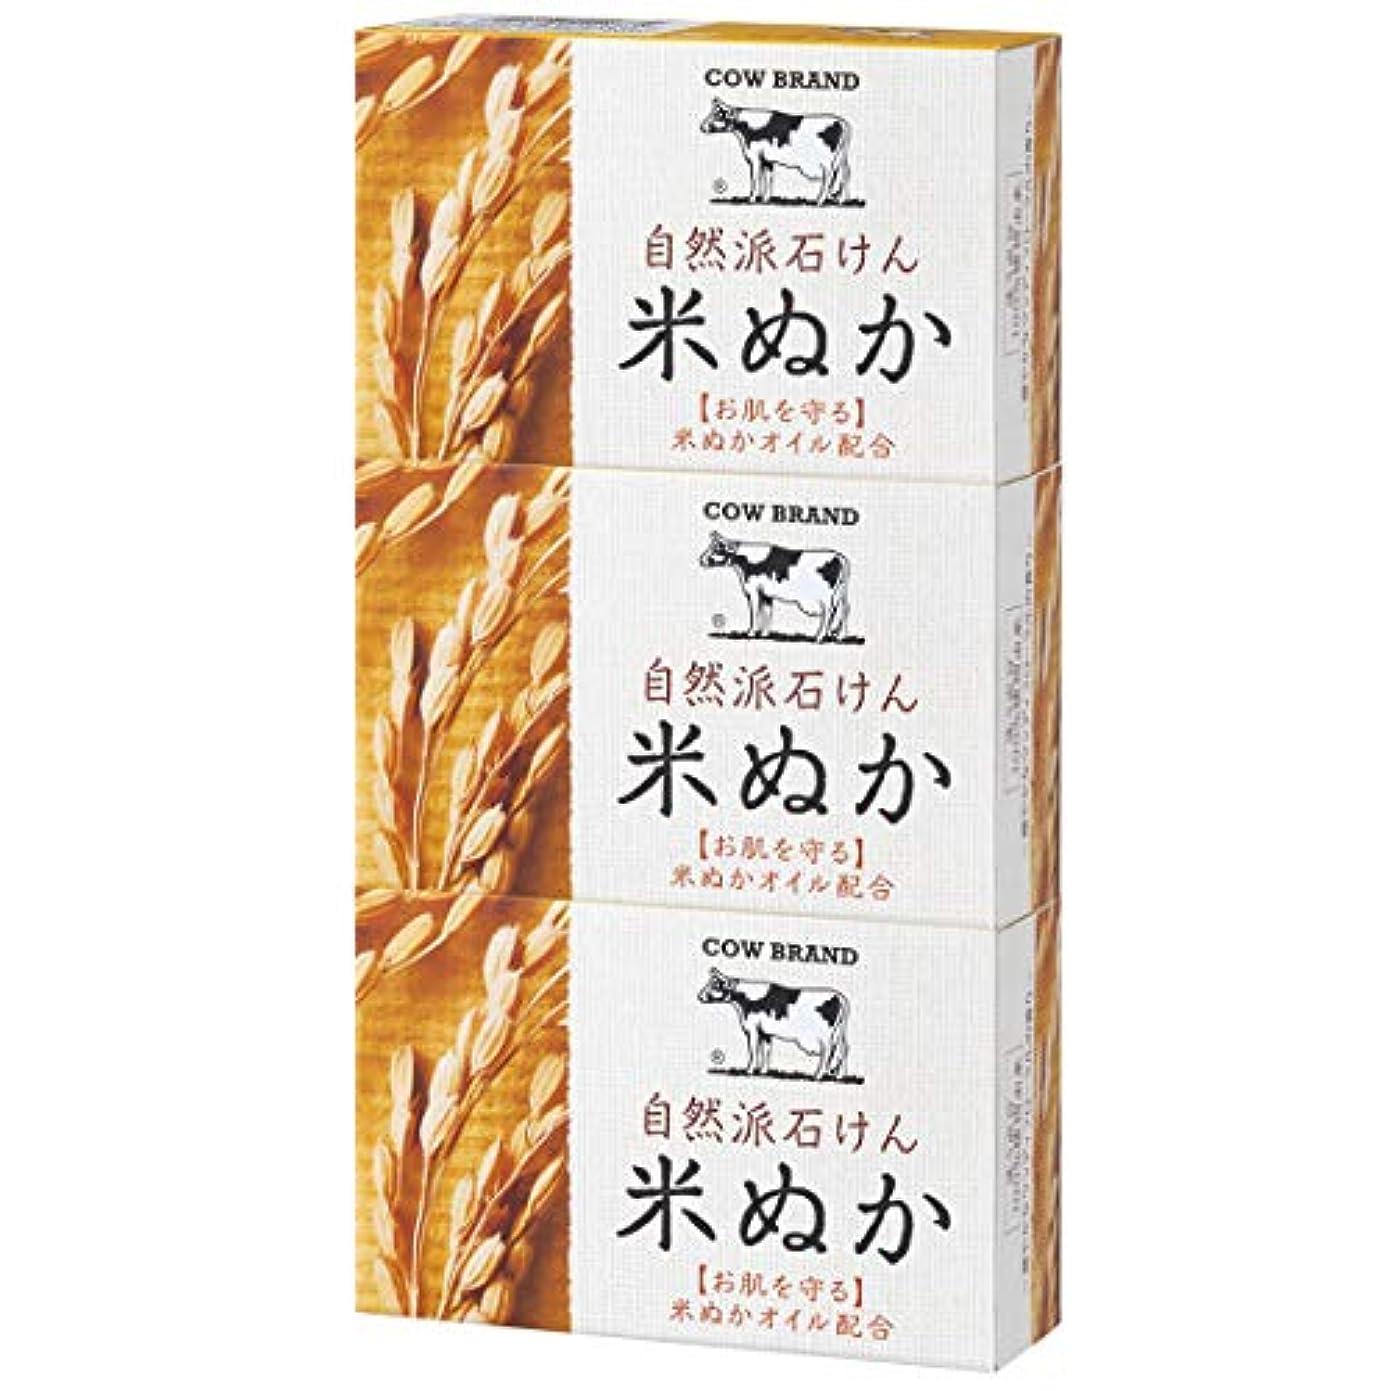 ワイプトリクル断言するカウブランド 自然派石けん 米ぬか 100g*3個